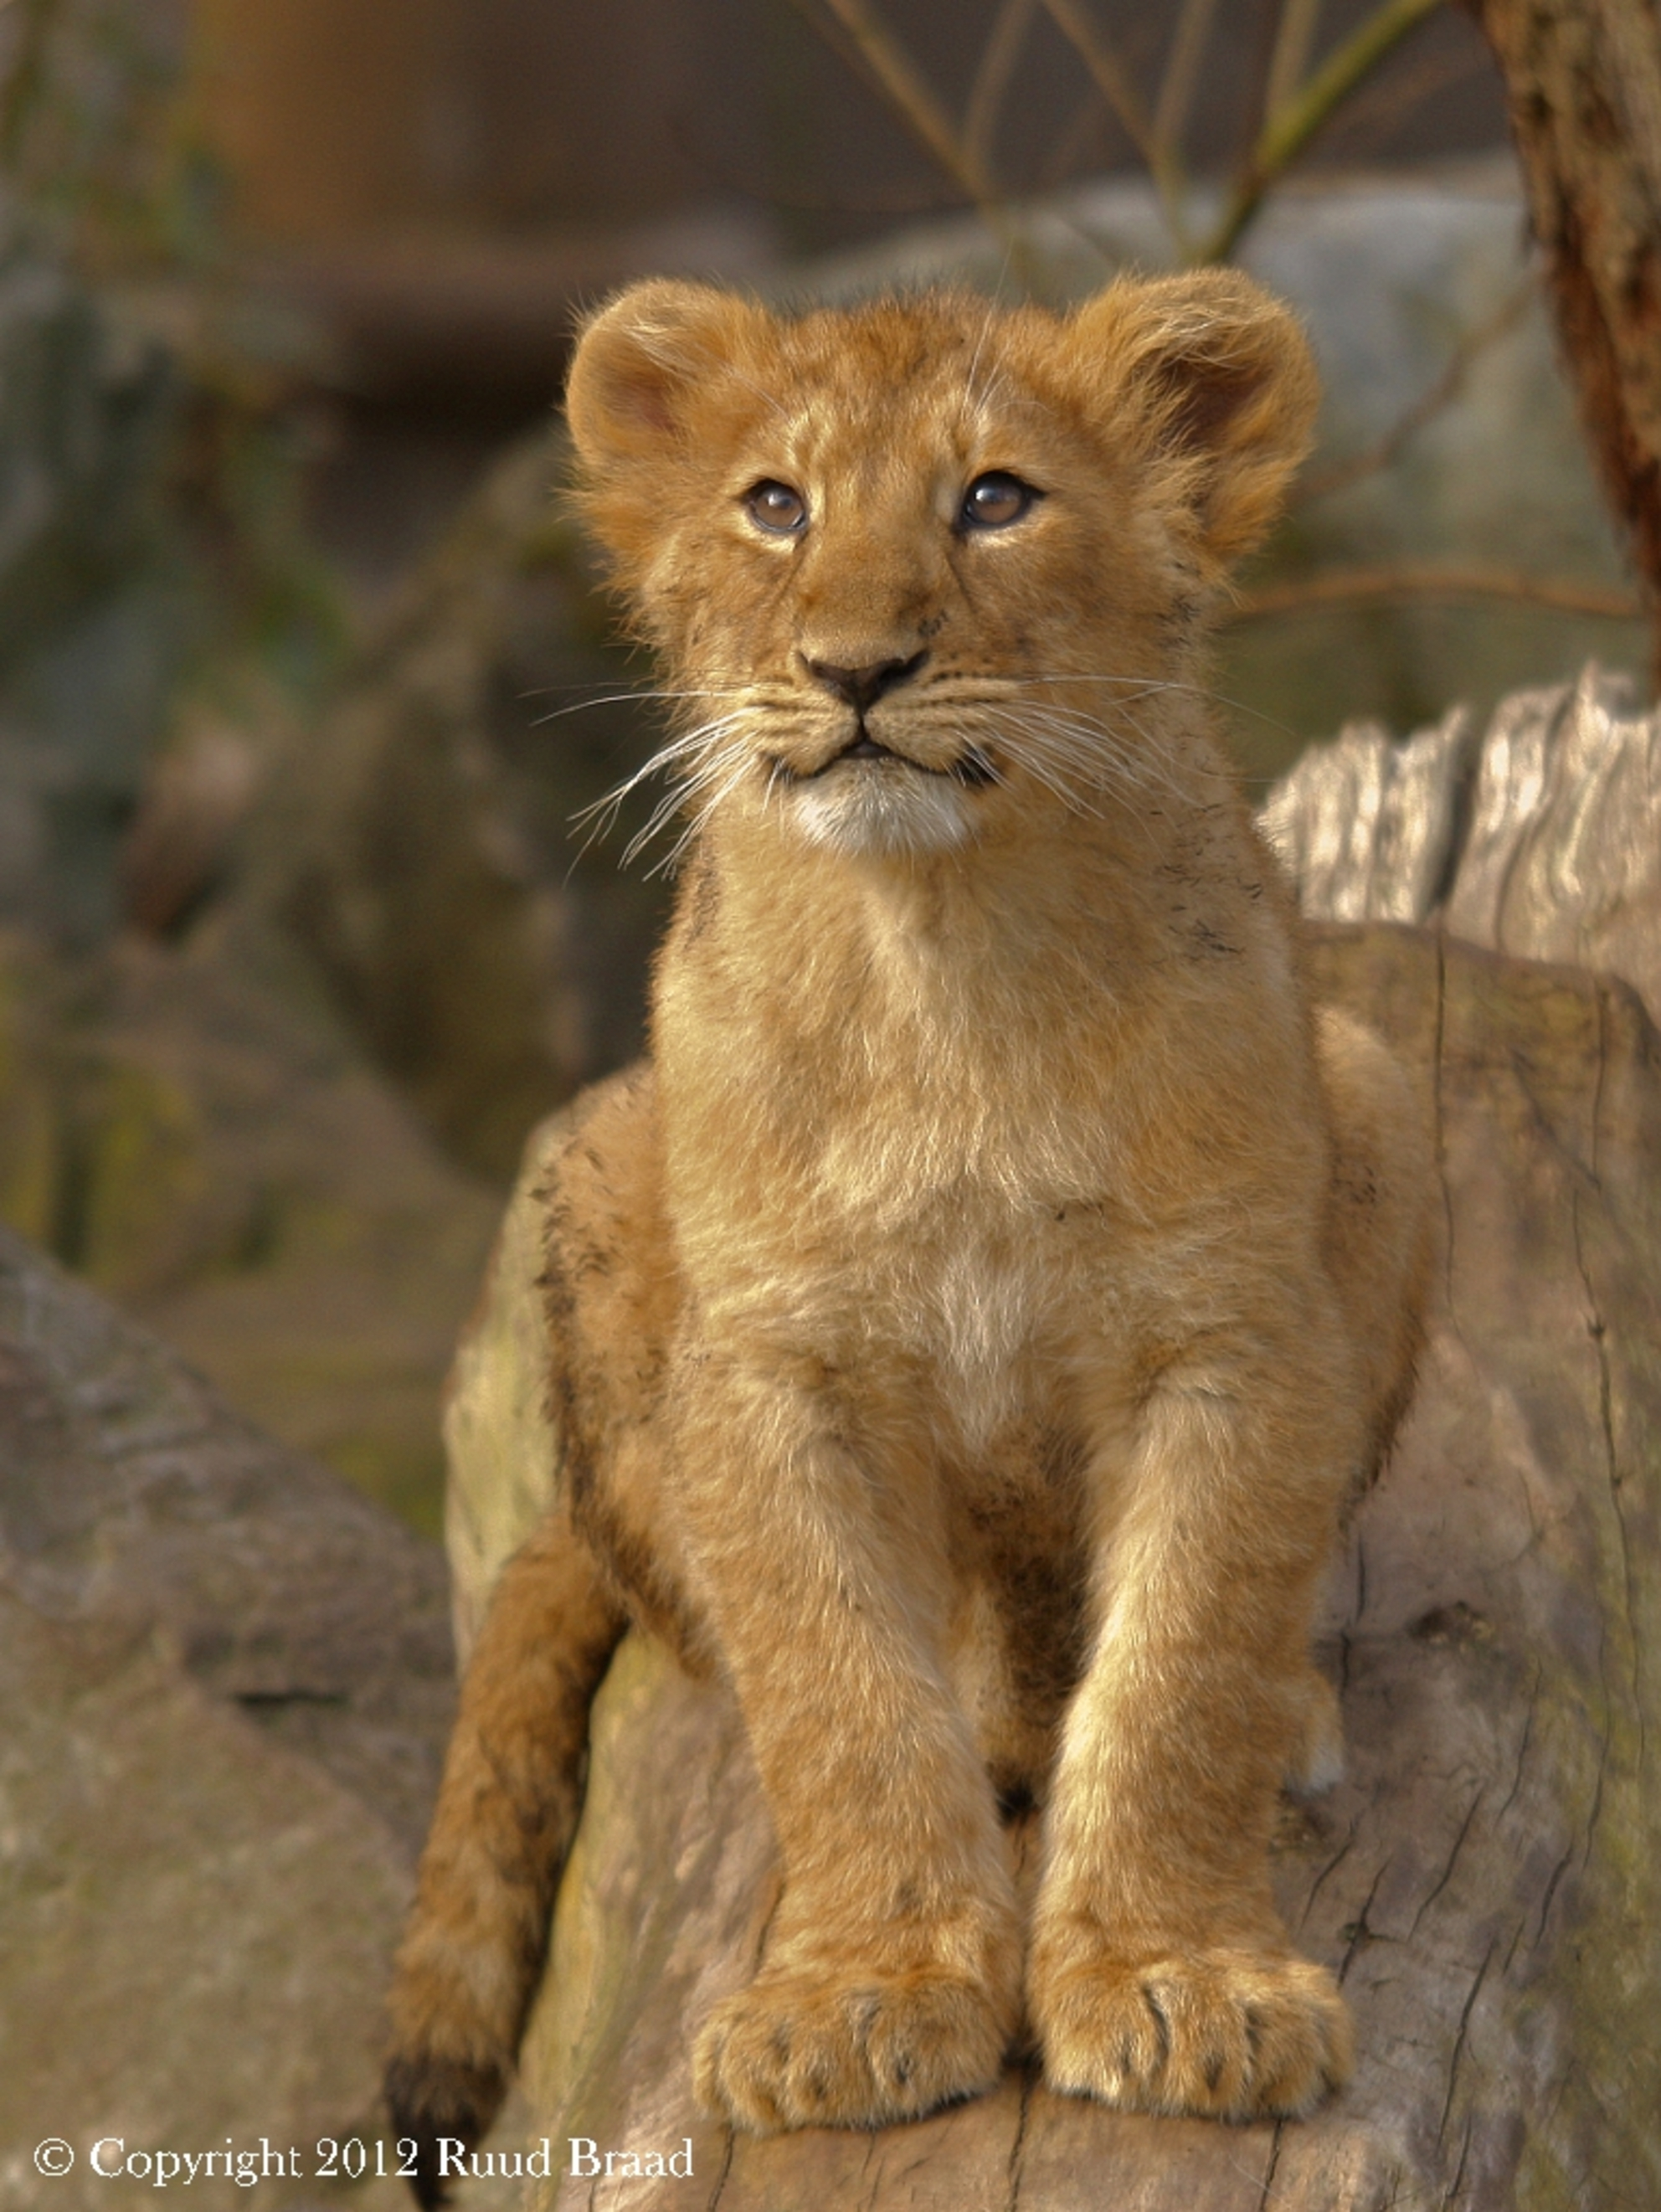 Aziatisch Leeuwenwelpje - Aziatisch Leeuwenwelpje...in Blijdorp Rotterdam!  Bedankt voor jullie reacties op mijn vorige upload.  Groetjes Ruud - foto door kyano09 op 12-03-2012 - deze foto bevat: dierentuin, dieren, leeuw, leeuwen, blijdorp, welp, diergaarde, leeuwtje, leeuwtjes, welpje, welpjes, leeuwenwelp, leeuwenwelpjes, leeuwenwelpje, dierentuinen, blijdorp rotterdam, aziatische leeuw, koning der dieren, leeuwenwelpen, diergaarde Rotterdam, aziatische leeuwen, aziatisch leeuwtje, Aziatische Leeuwenwelpje, Aziatische Leeuwenwelpjes, Aziatische Leeuwenwelp - Deze foto mag gebruikt worden in een Zoom.nl publicatie